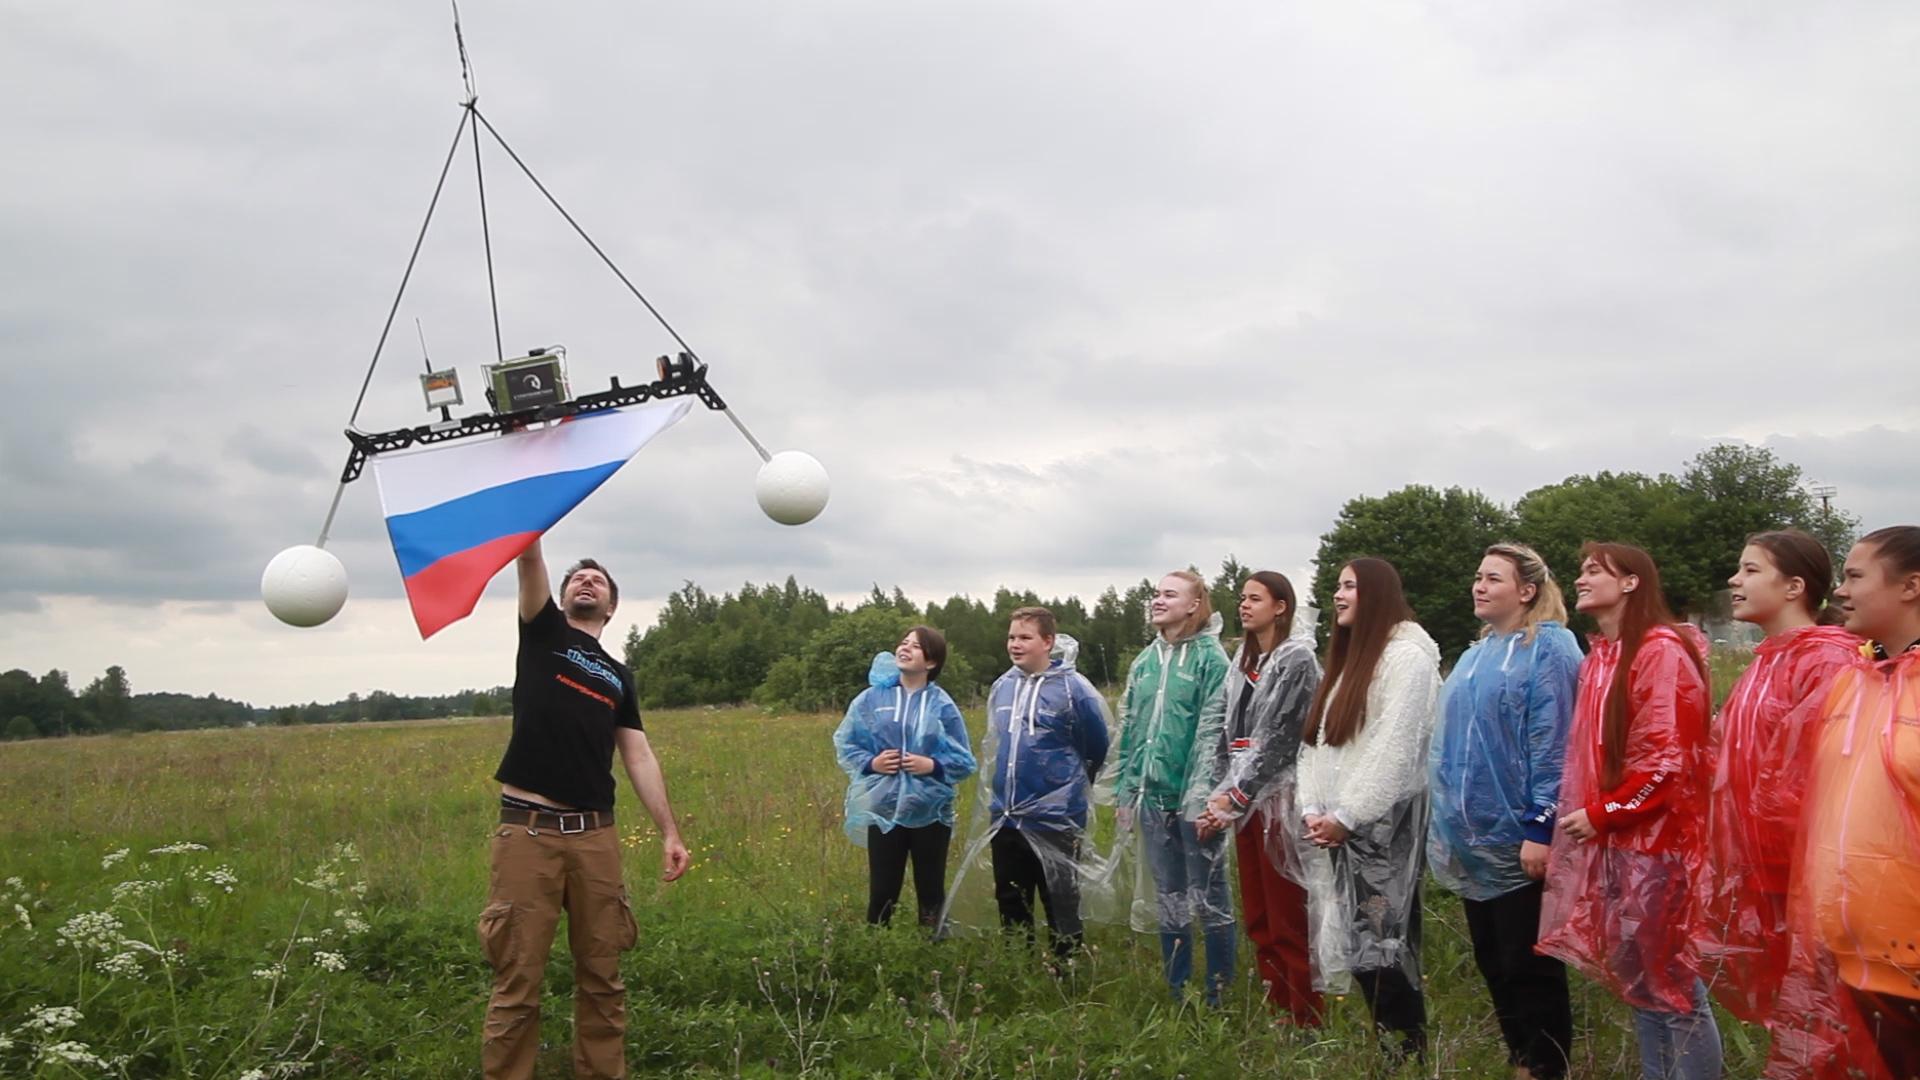 ОНФ запустил флаг РФ в стратосферу в честь Дня России